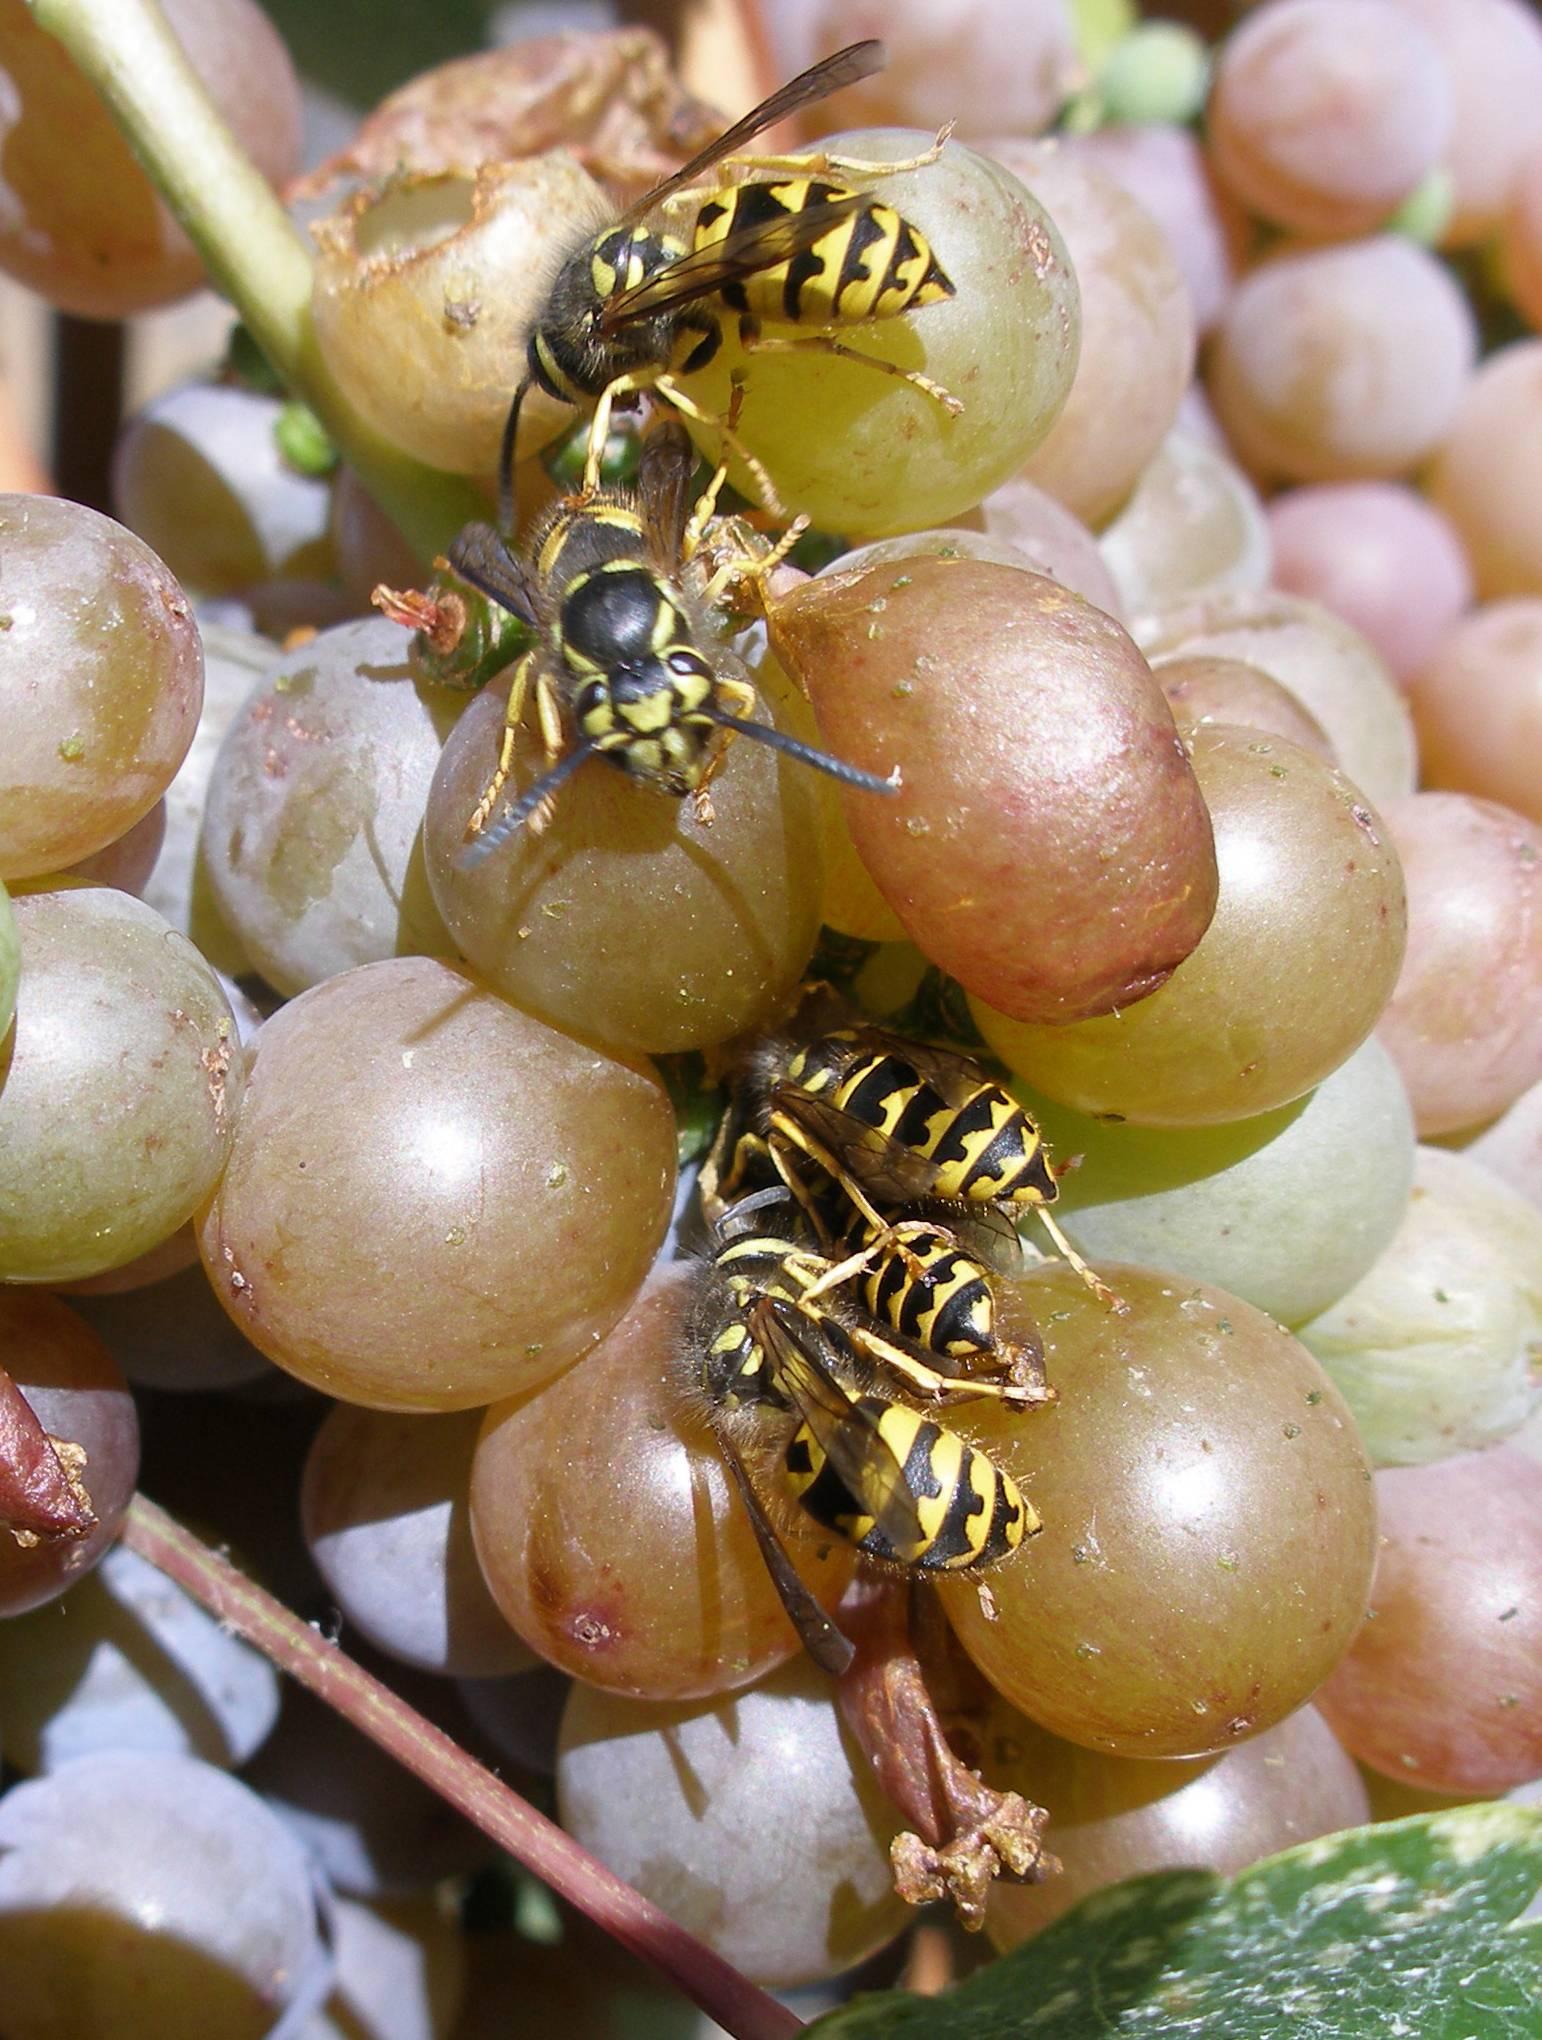 Защита винограда от птиц и ос во время его созревания: эффективные методы борьбы и спасения урожая